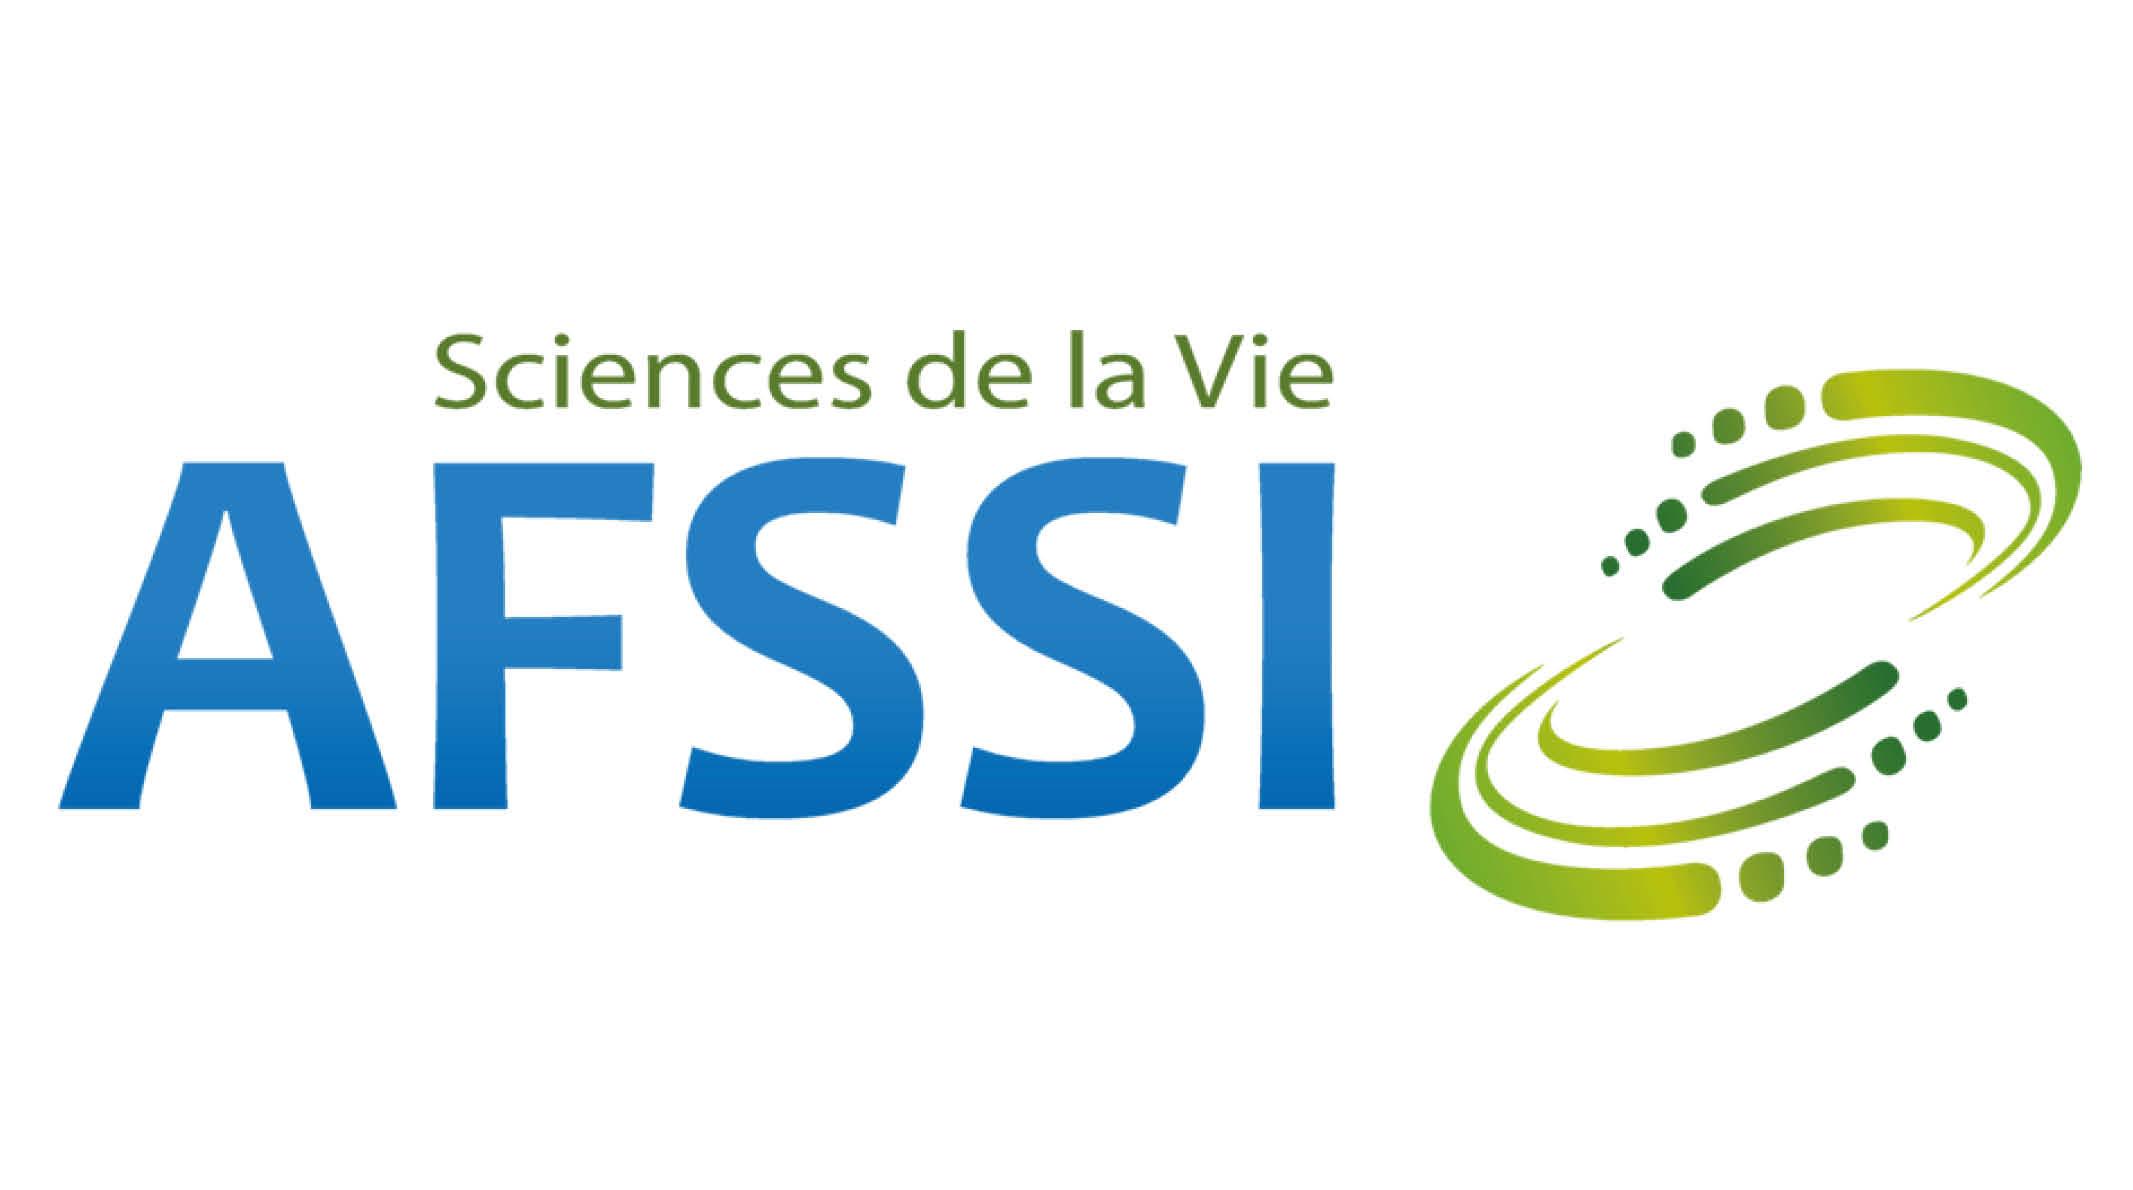 L'AFSSI salue l'annonce du Plan Innovation Santé 2030 et souhaite contribuer activement à sa mise en œuvre